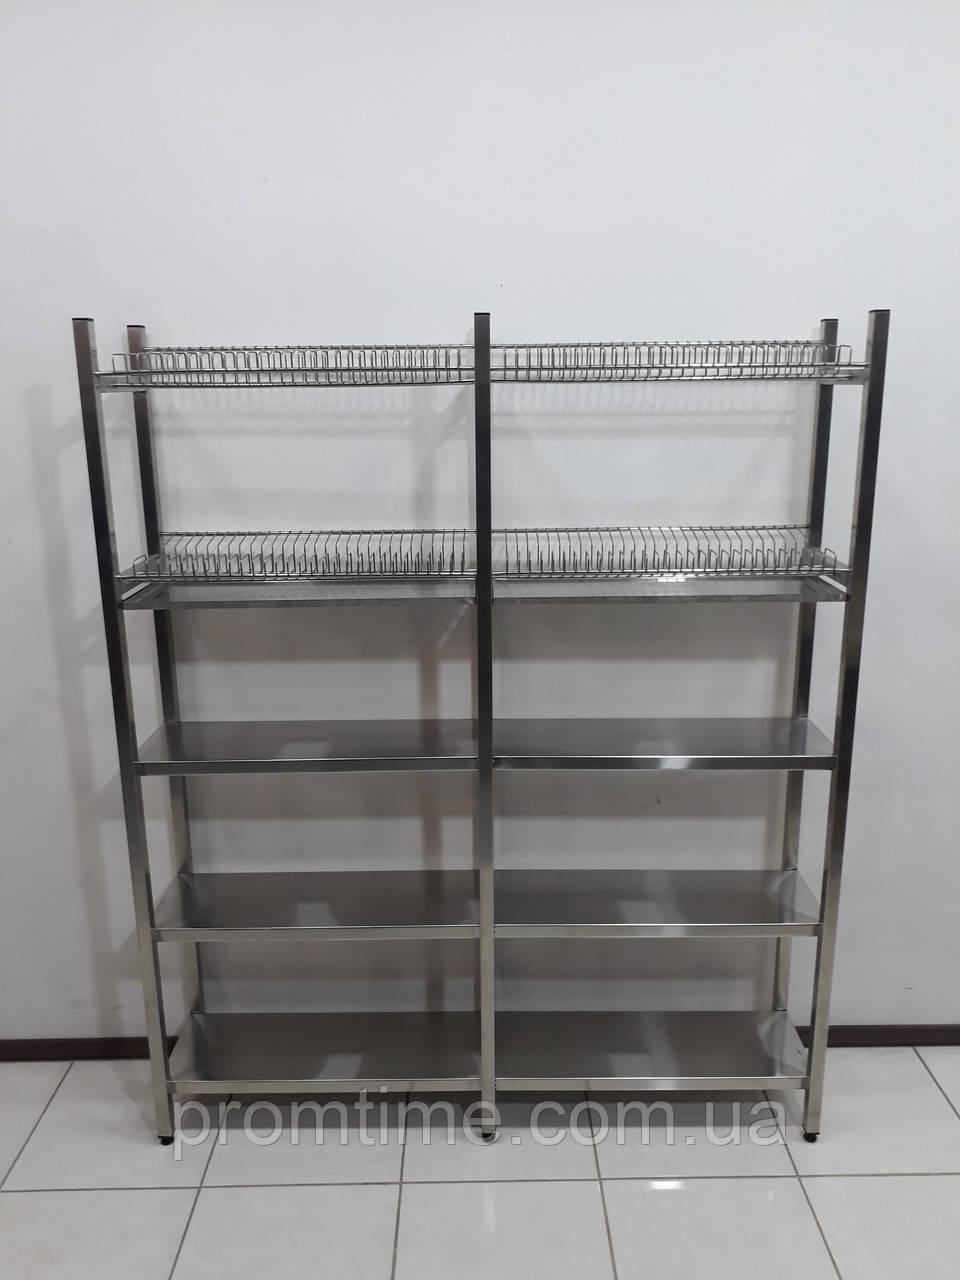 Стеллаж для сушки посуды 1500х320х1800 (с сплошными полками)